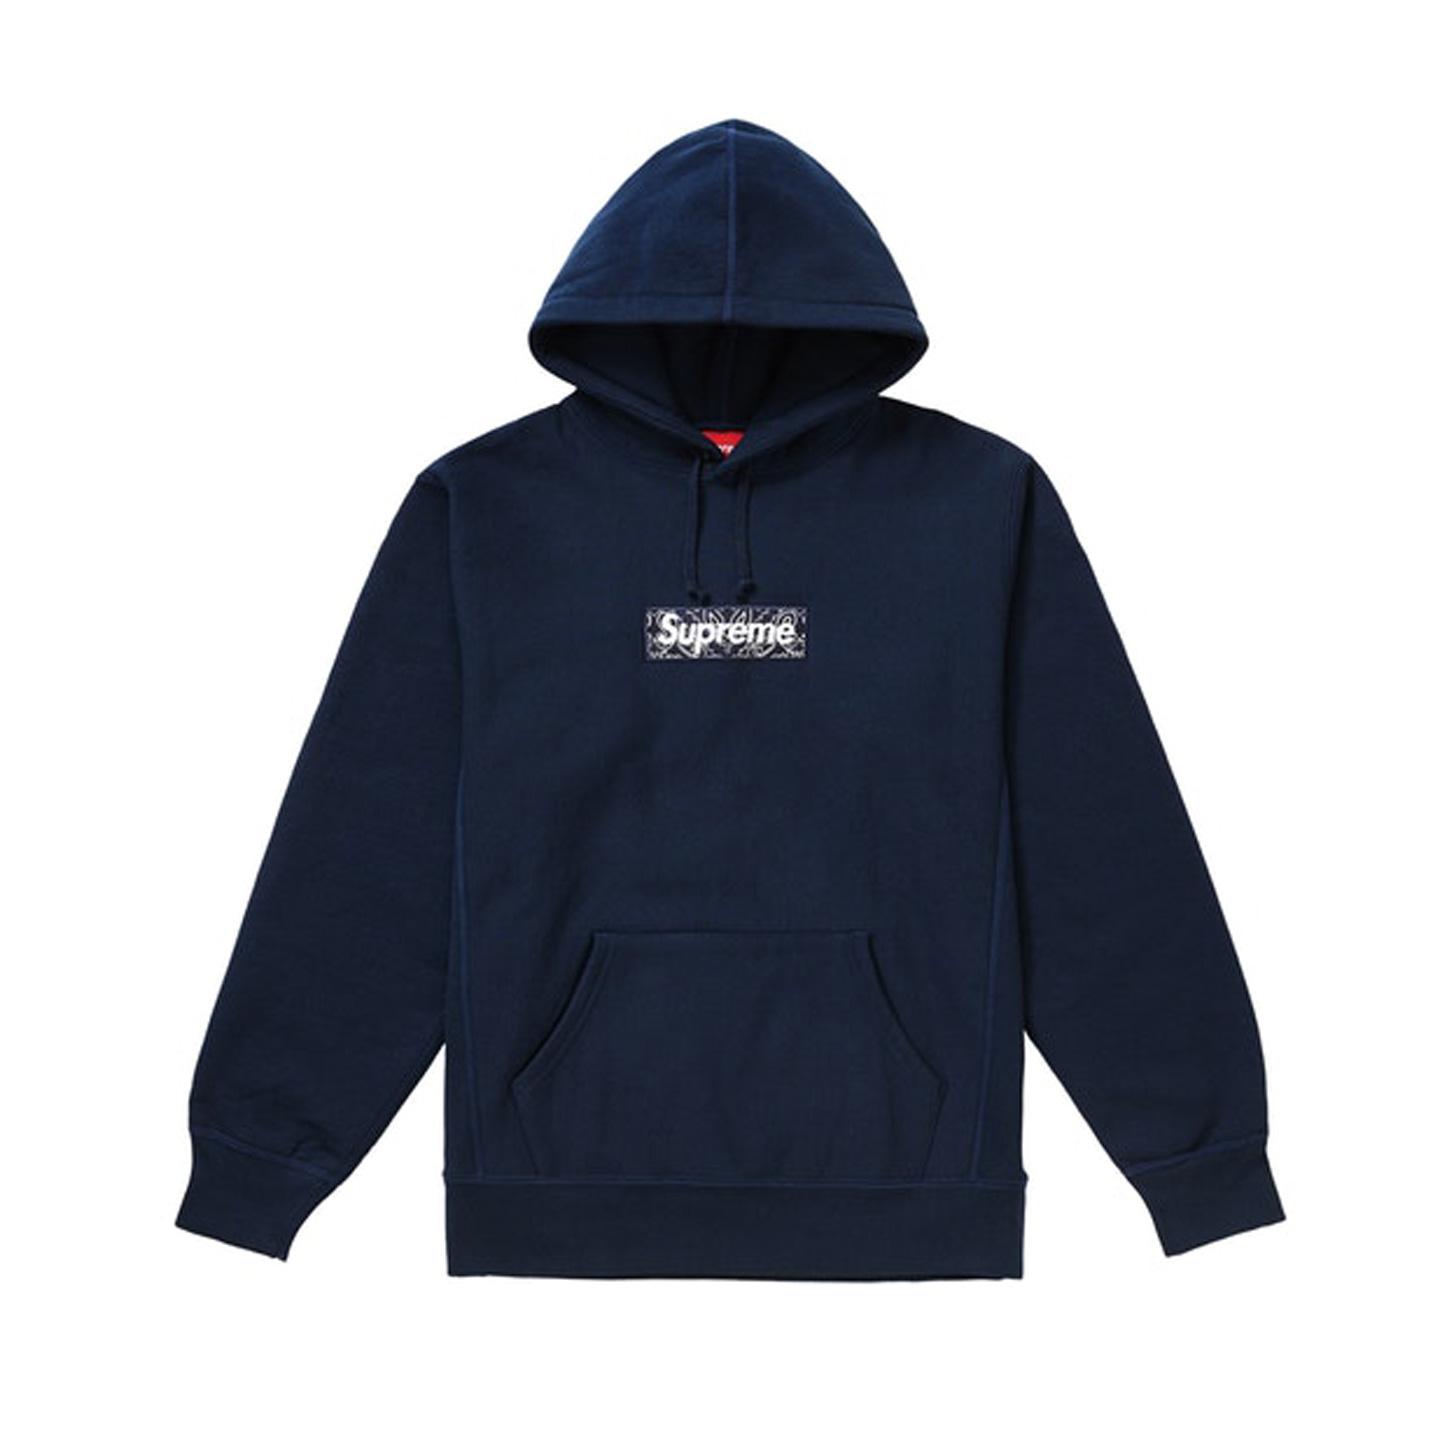 Supreme Bandana Box Logo Hooded Sweatshirt Navy 19FW